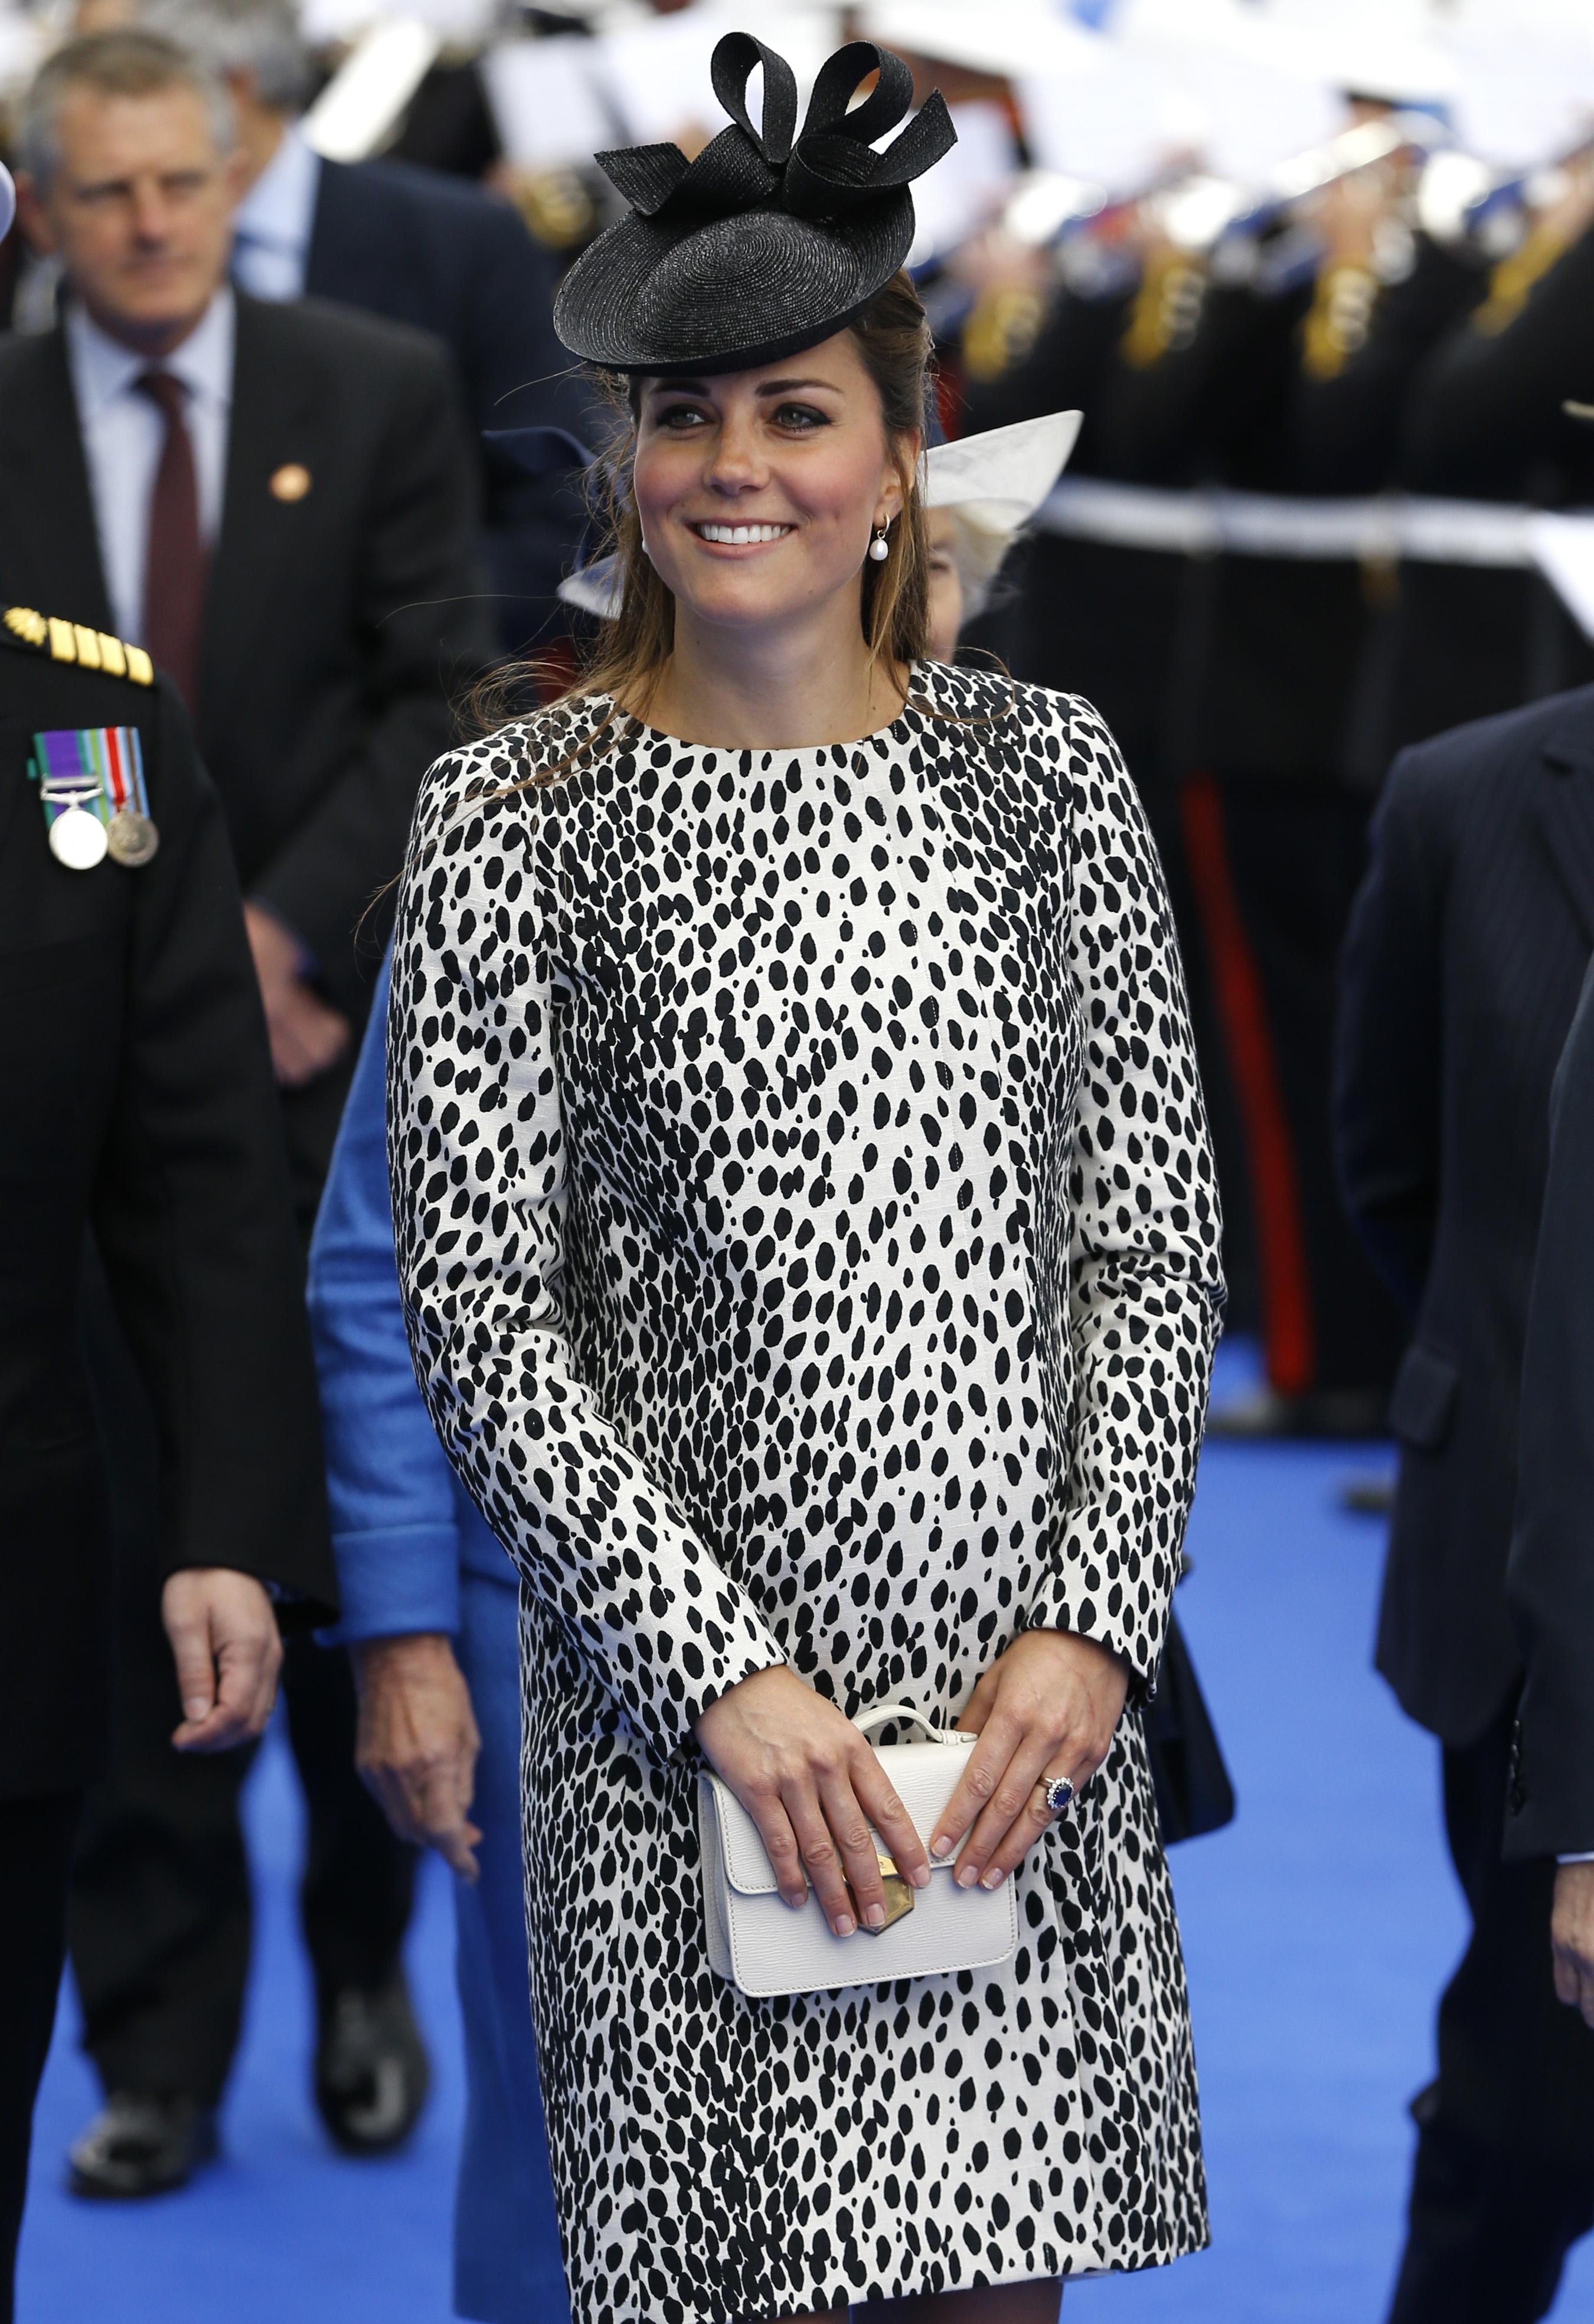 Кейт выбрала нехарактерное для своего стиля платье с диким принтом